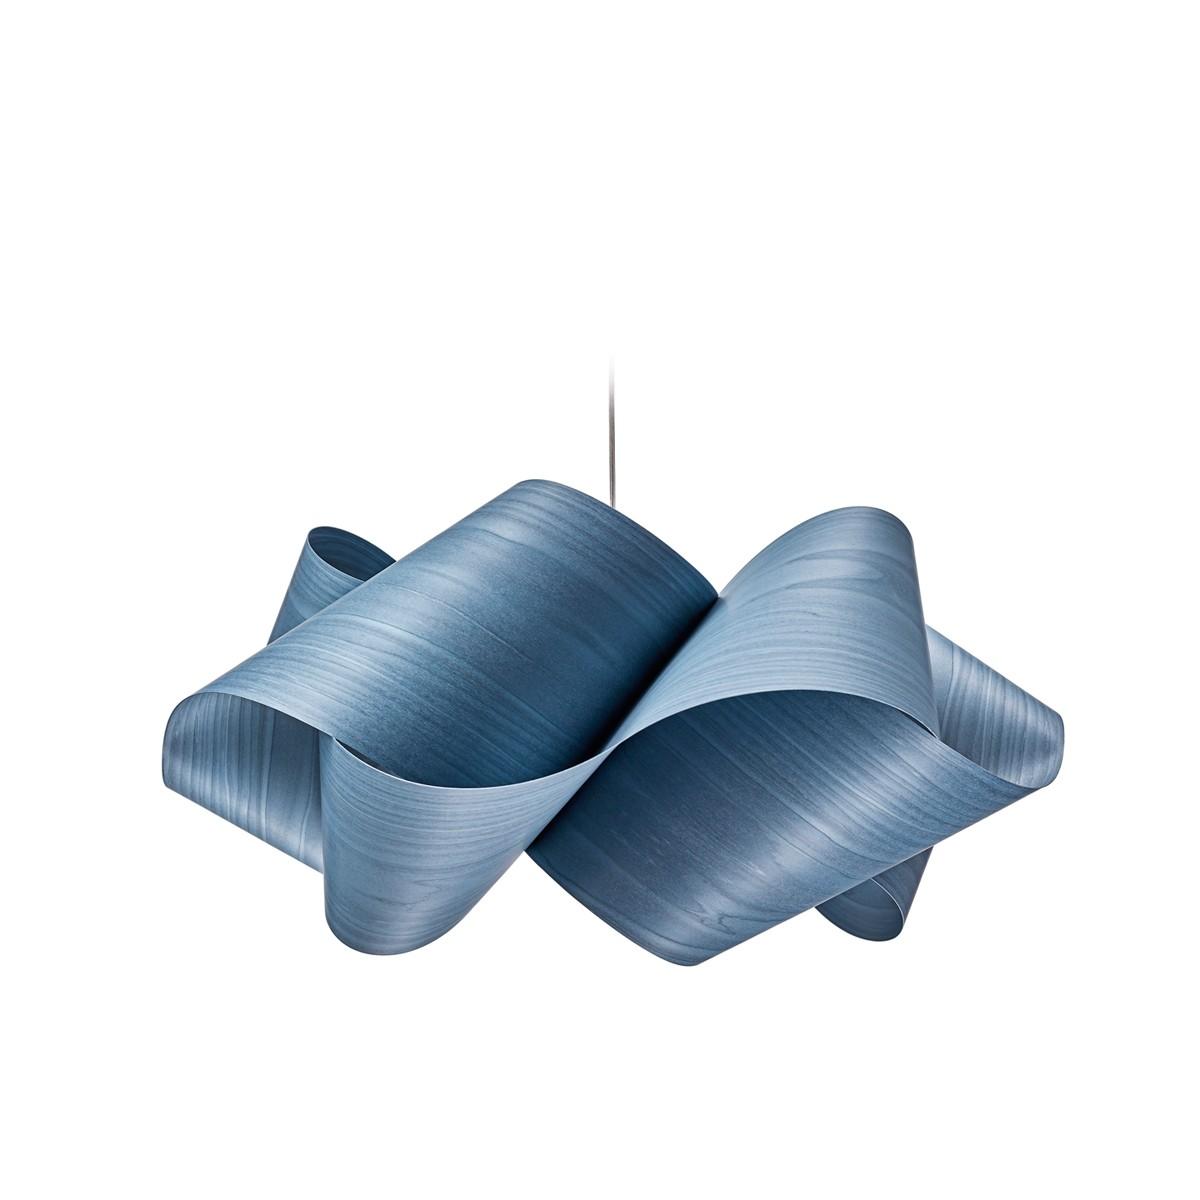 LZF Lamps Swirl Small Pendelleuchte, blau